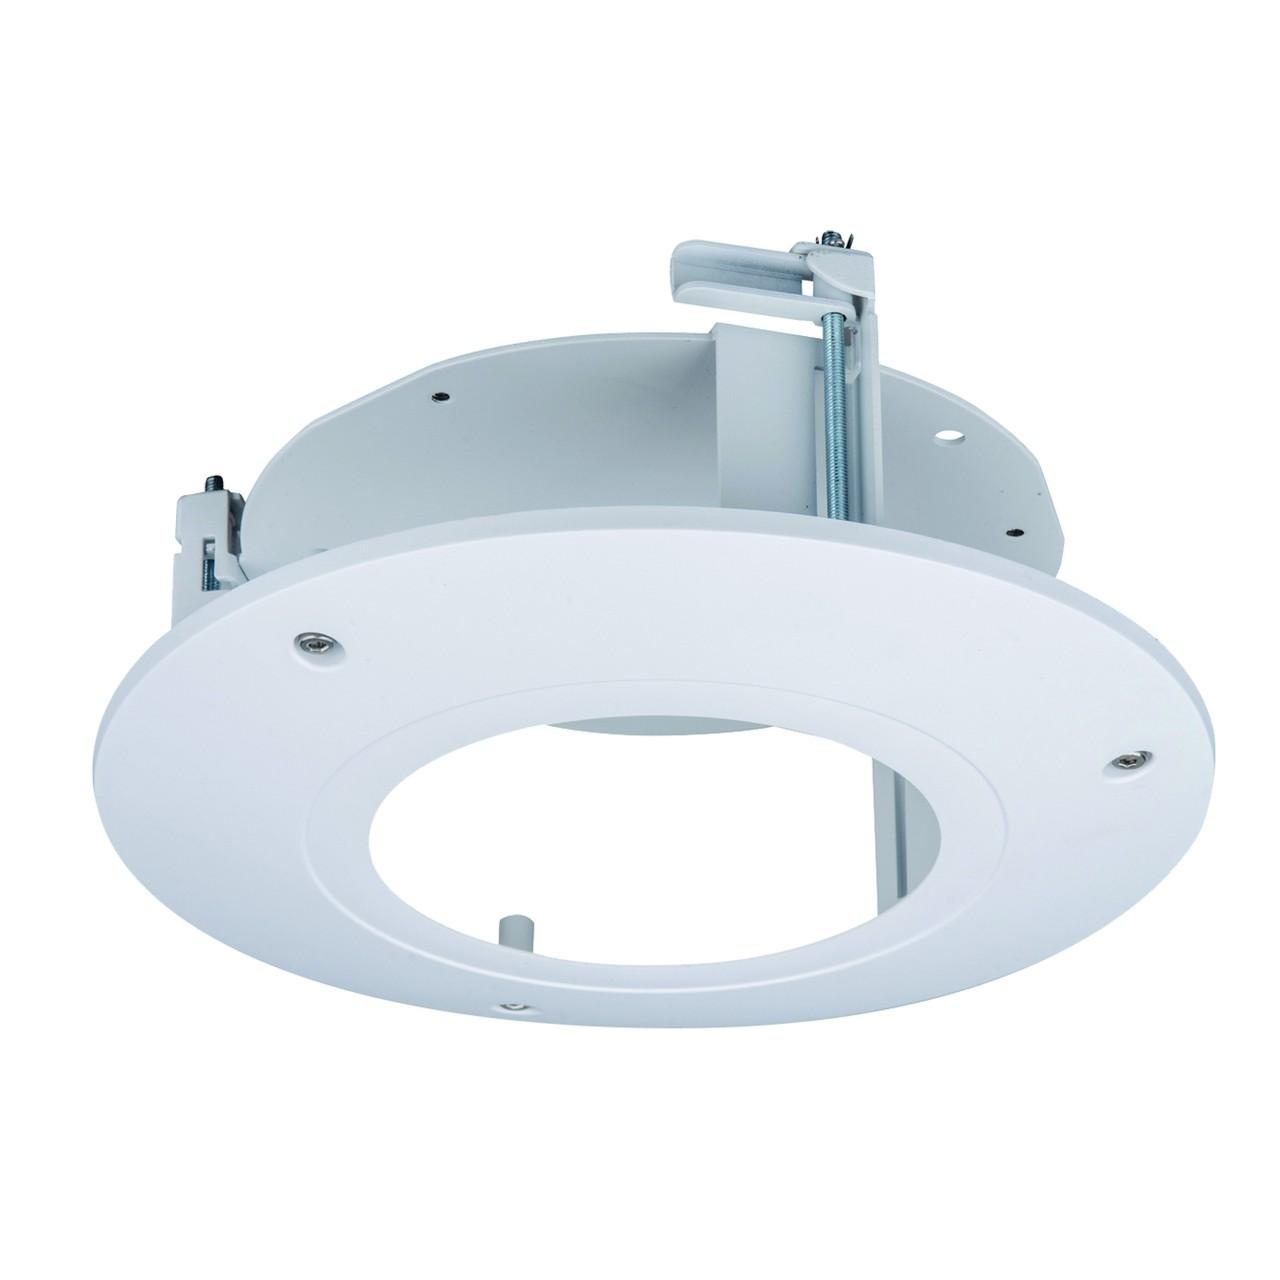 TURM Halterung für die Innendecken Montage, passend für große Dome Kameras